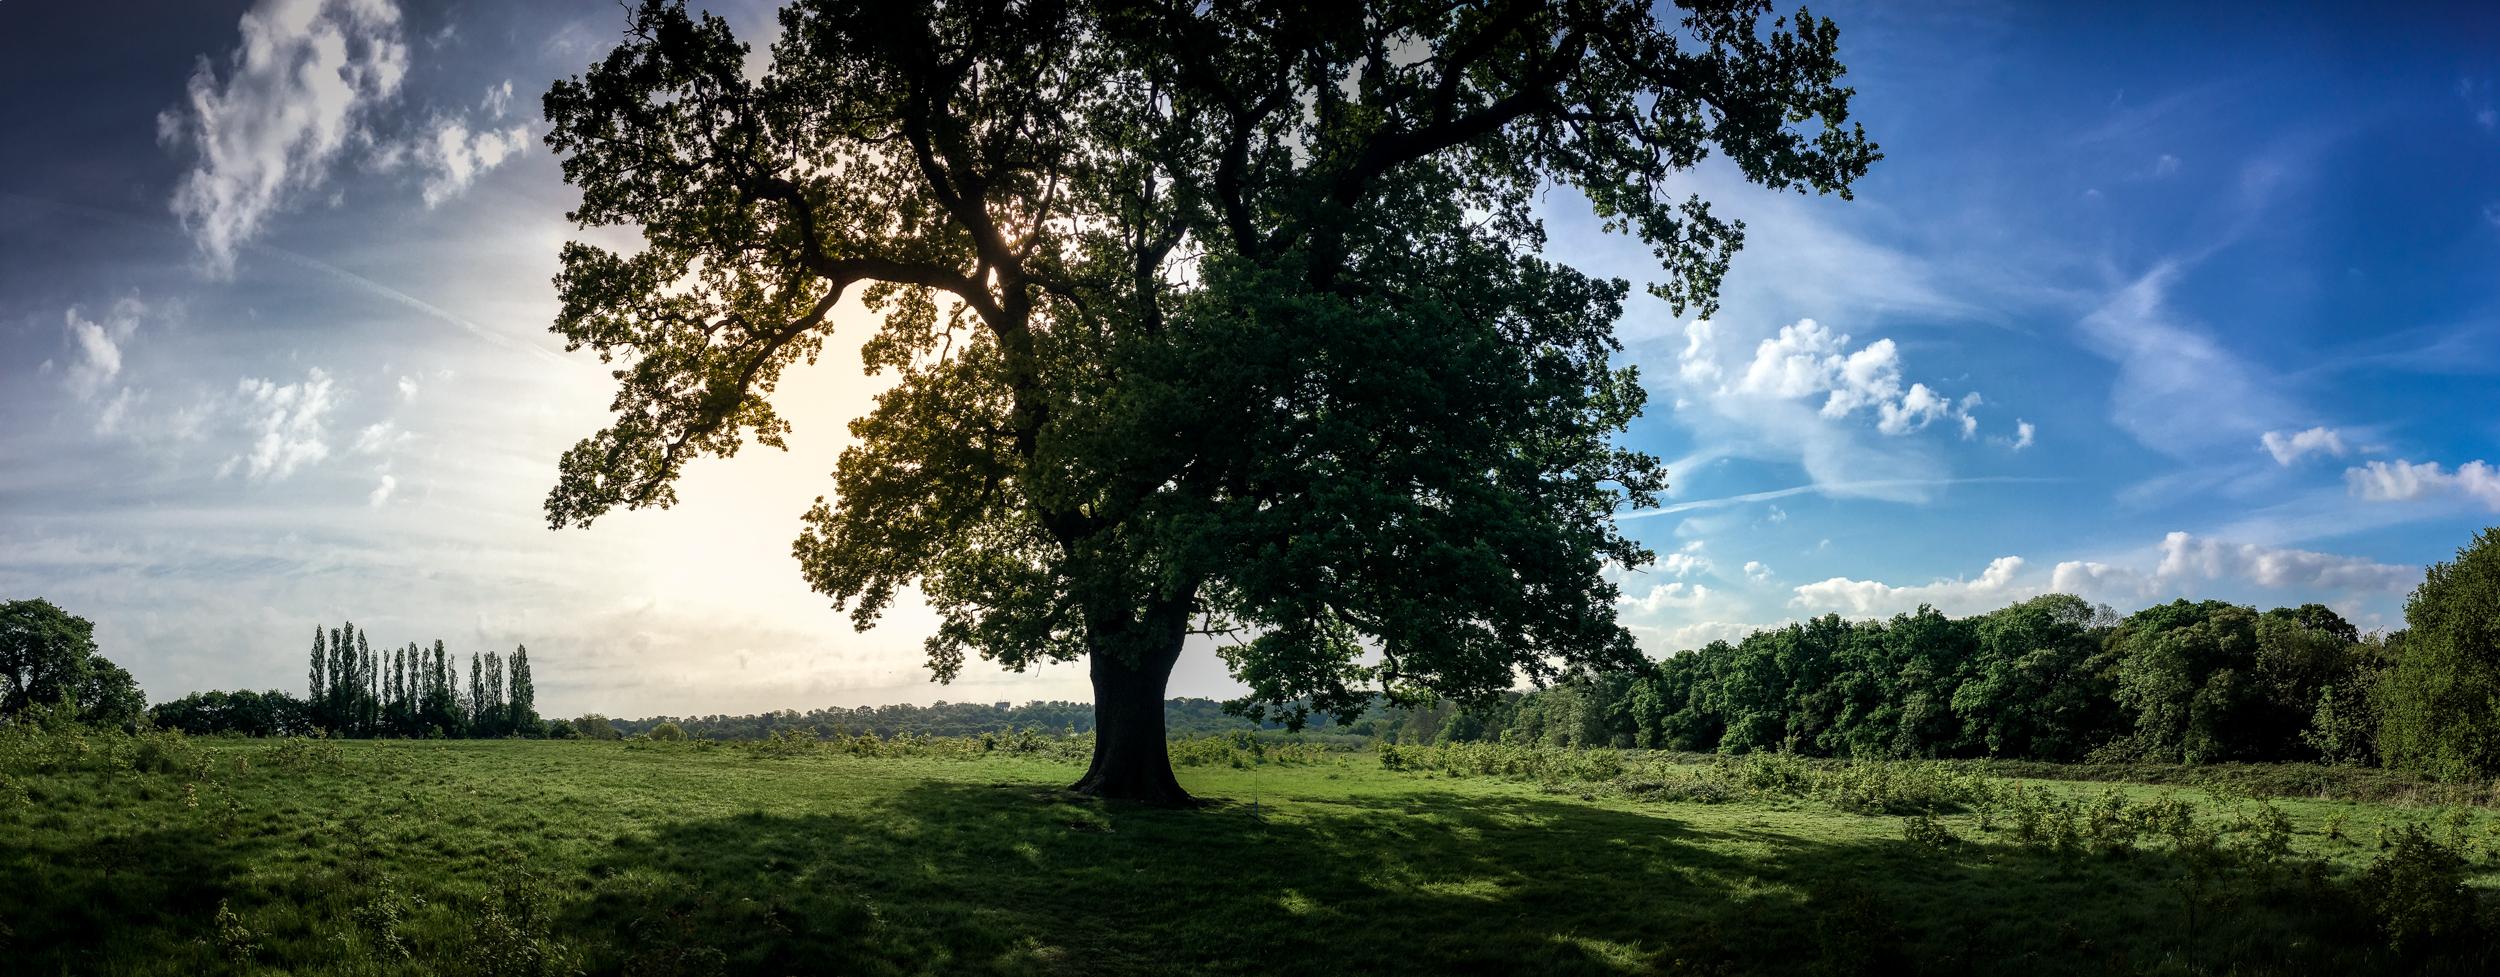 Die Eiche in Hadley Wald, Nord London, das ein wichtiger Teil meiner Kindheit war